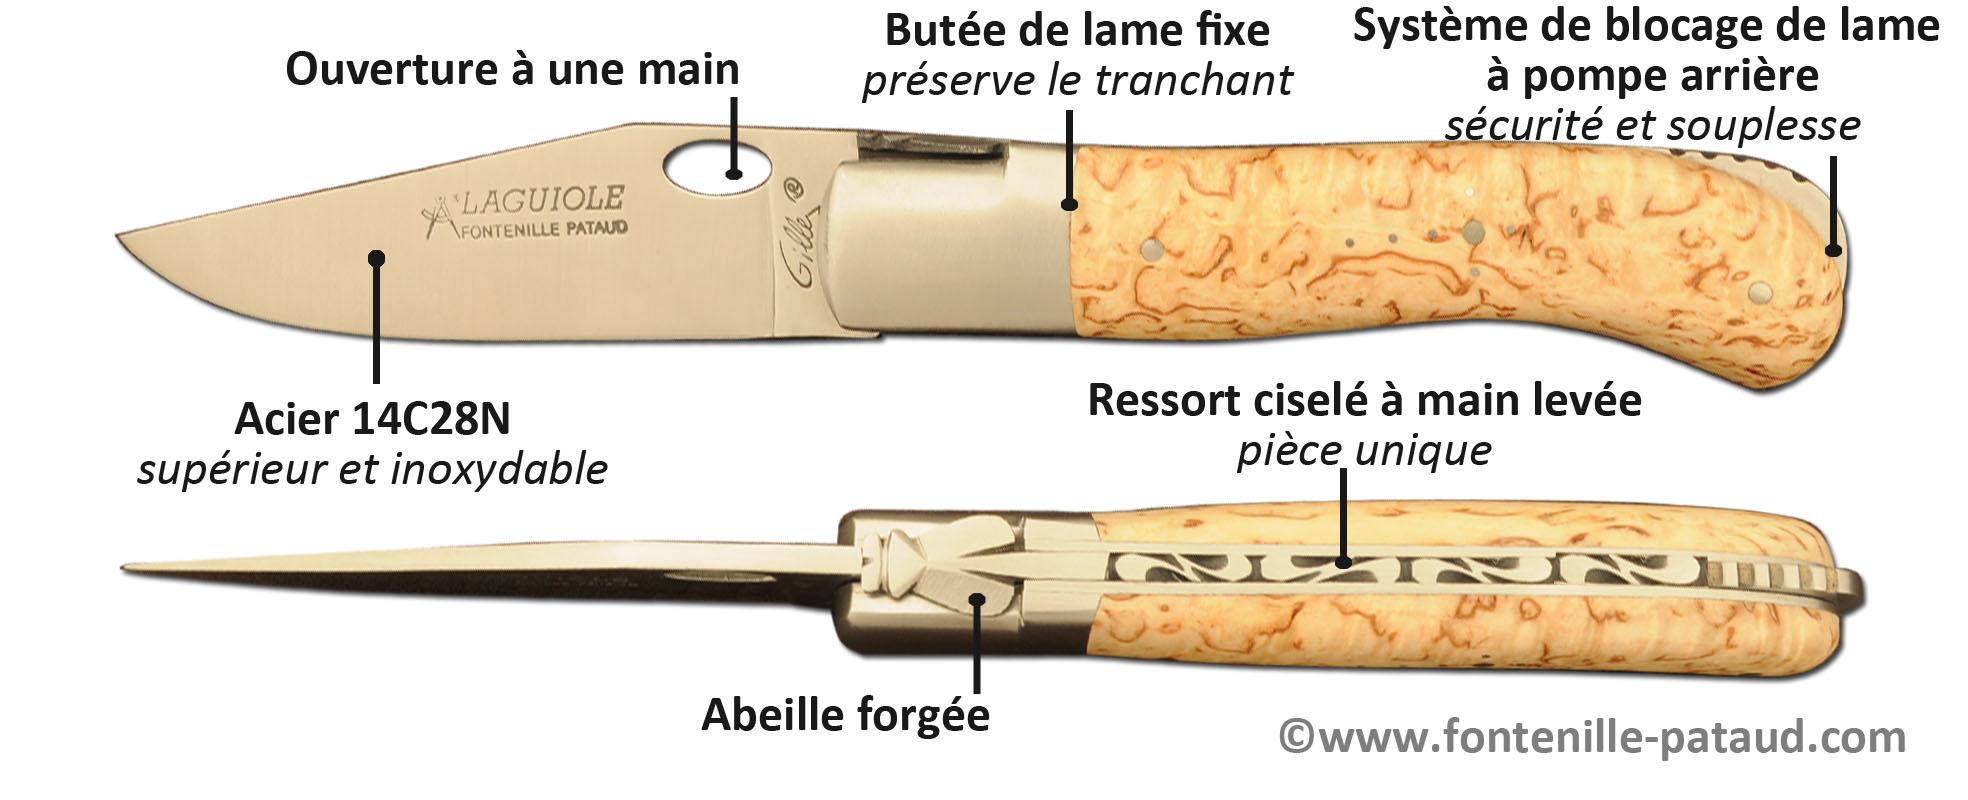 Couteau Laguiole Gentleman ouverture à une main, Laguiole artisanal